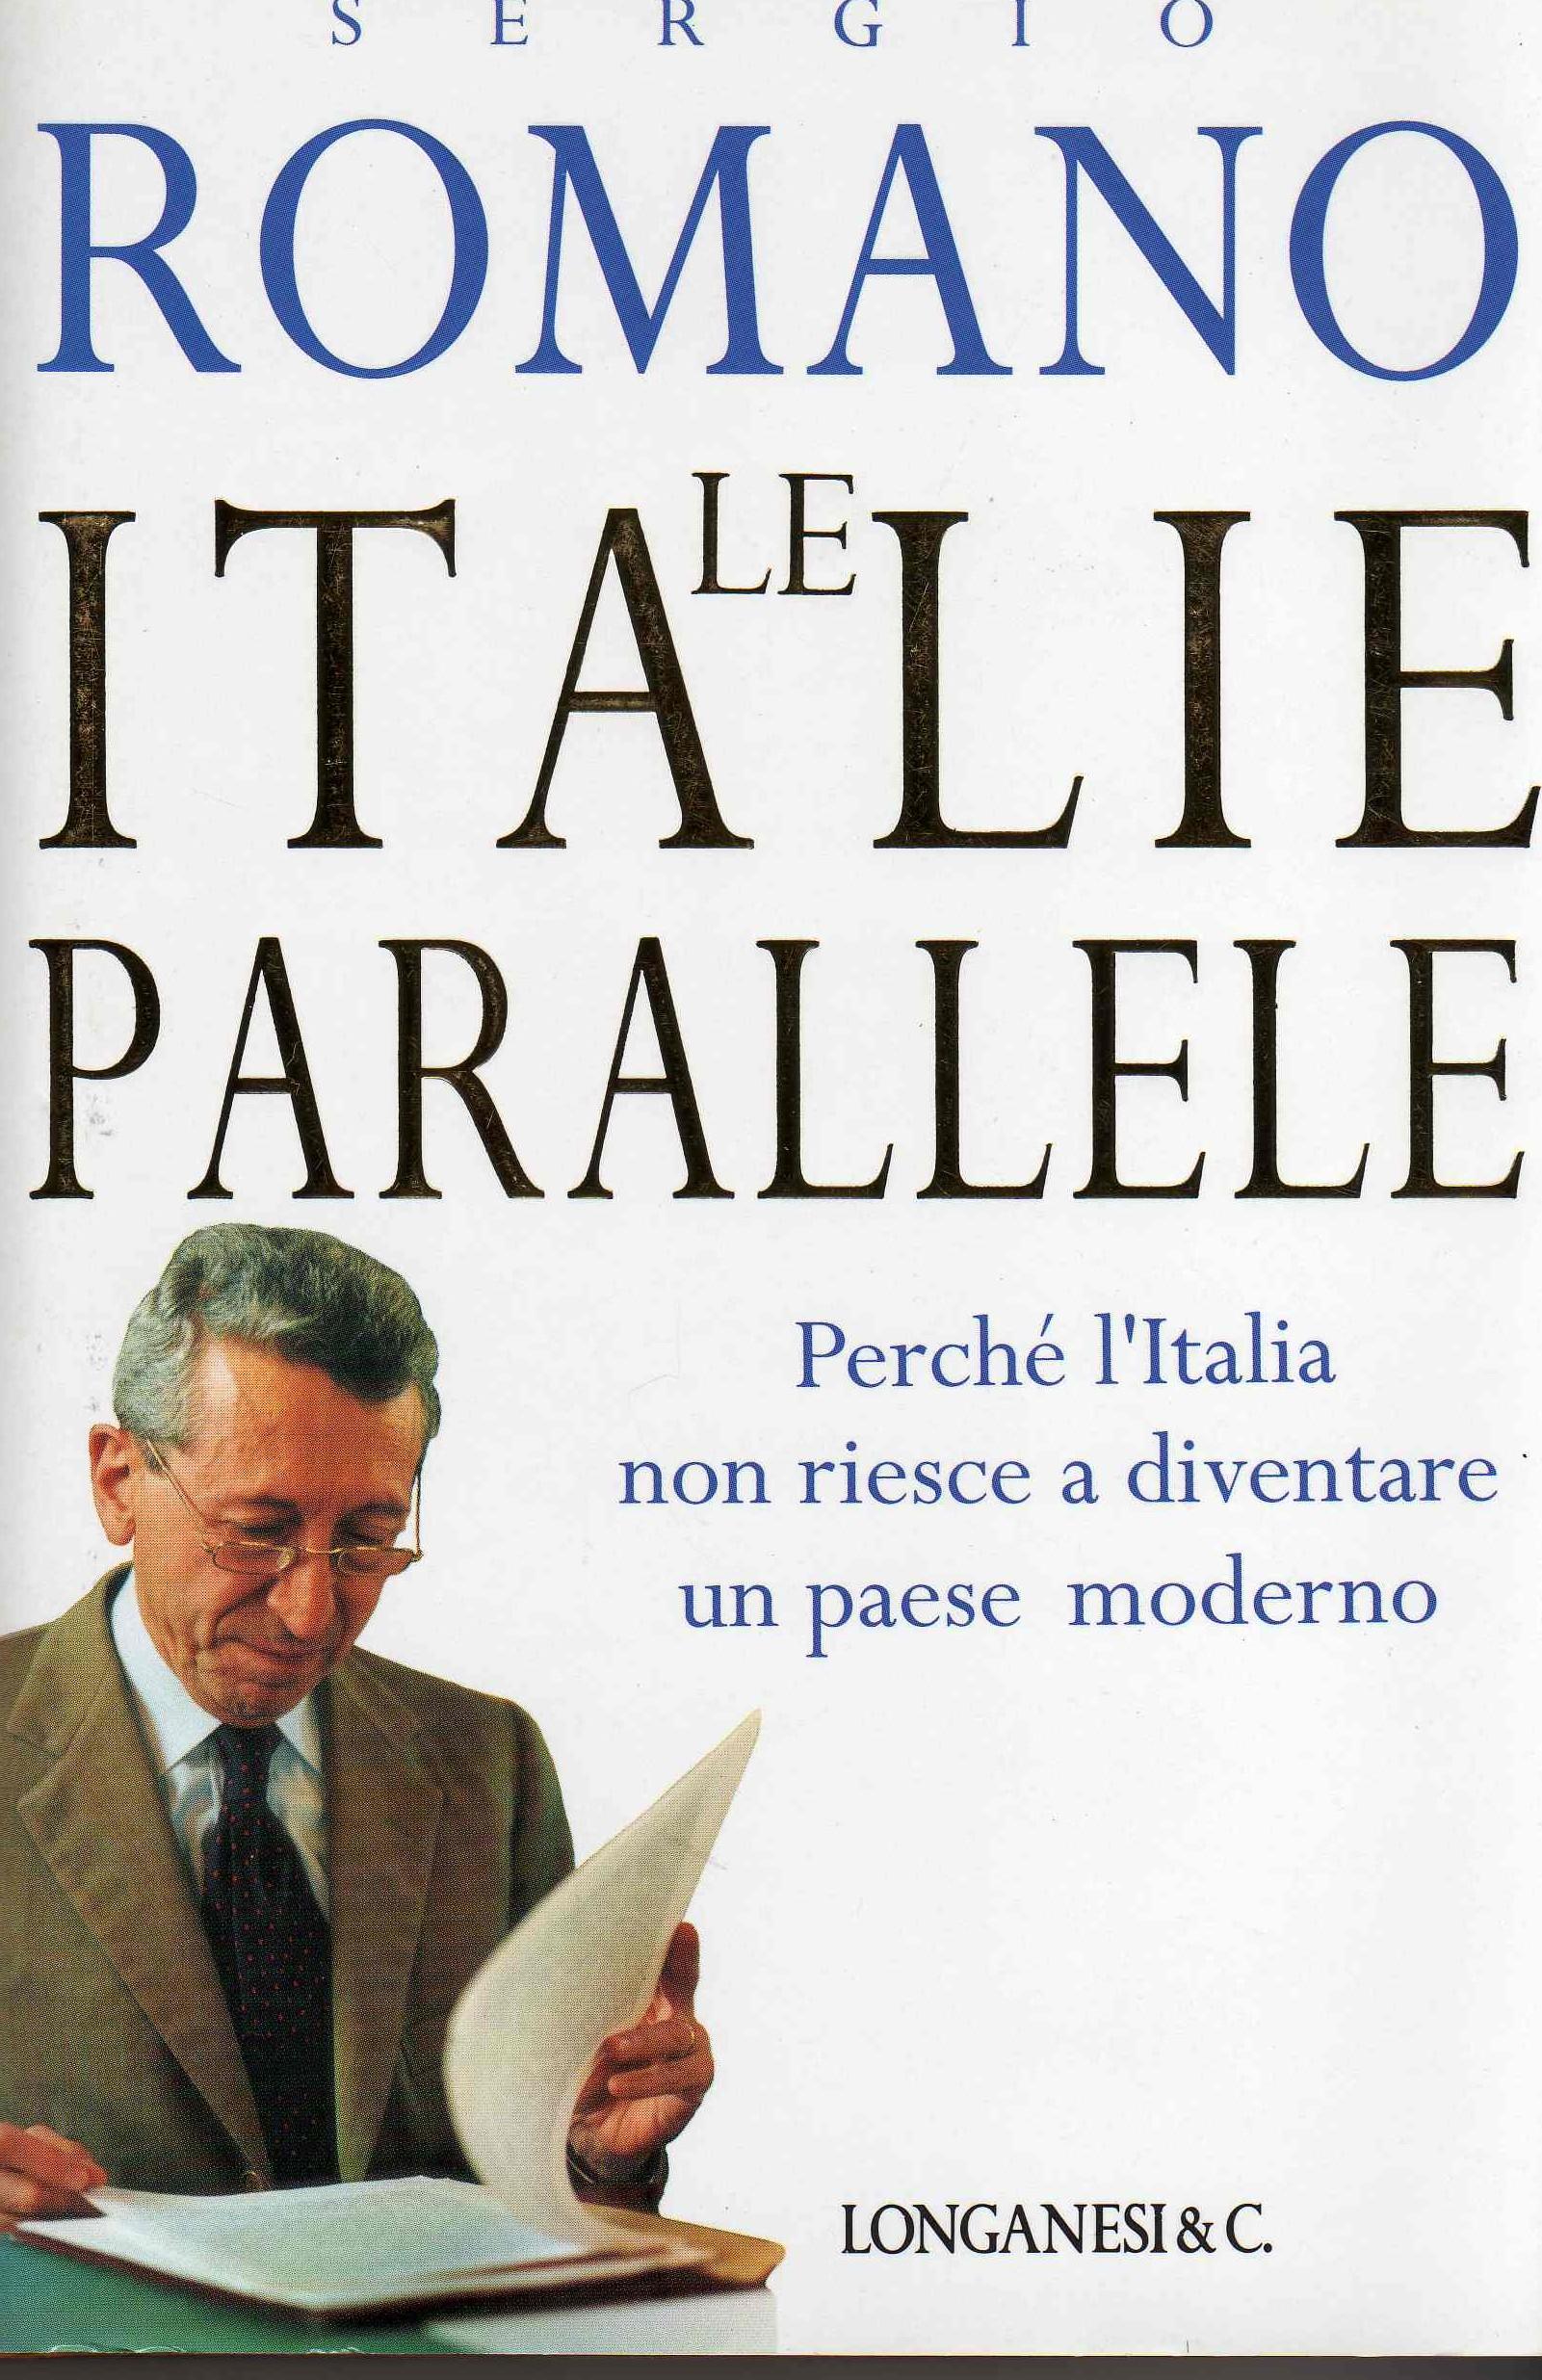 Le italie parallele